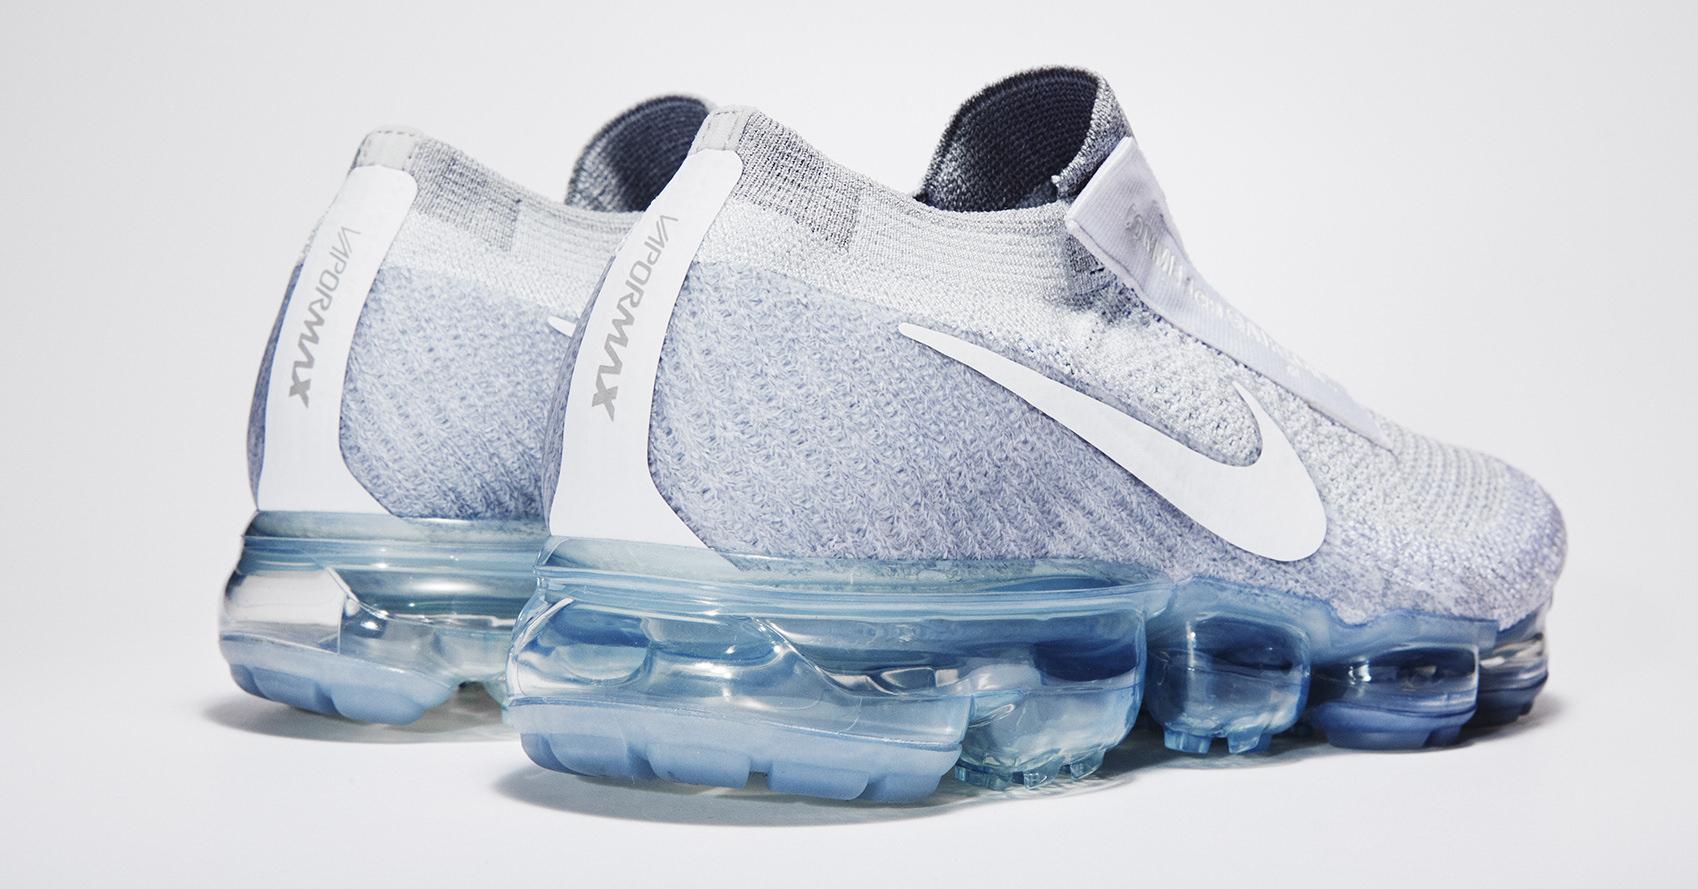 57f5af191ae7d90633daae4d_Nike_VaporMax_for_Comme_des_Garcons_6_original